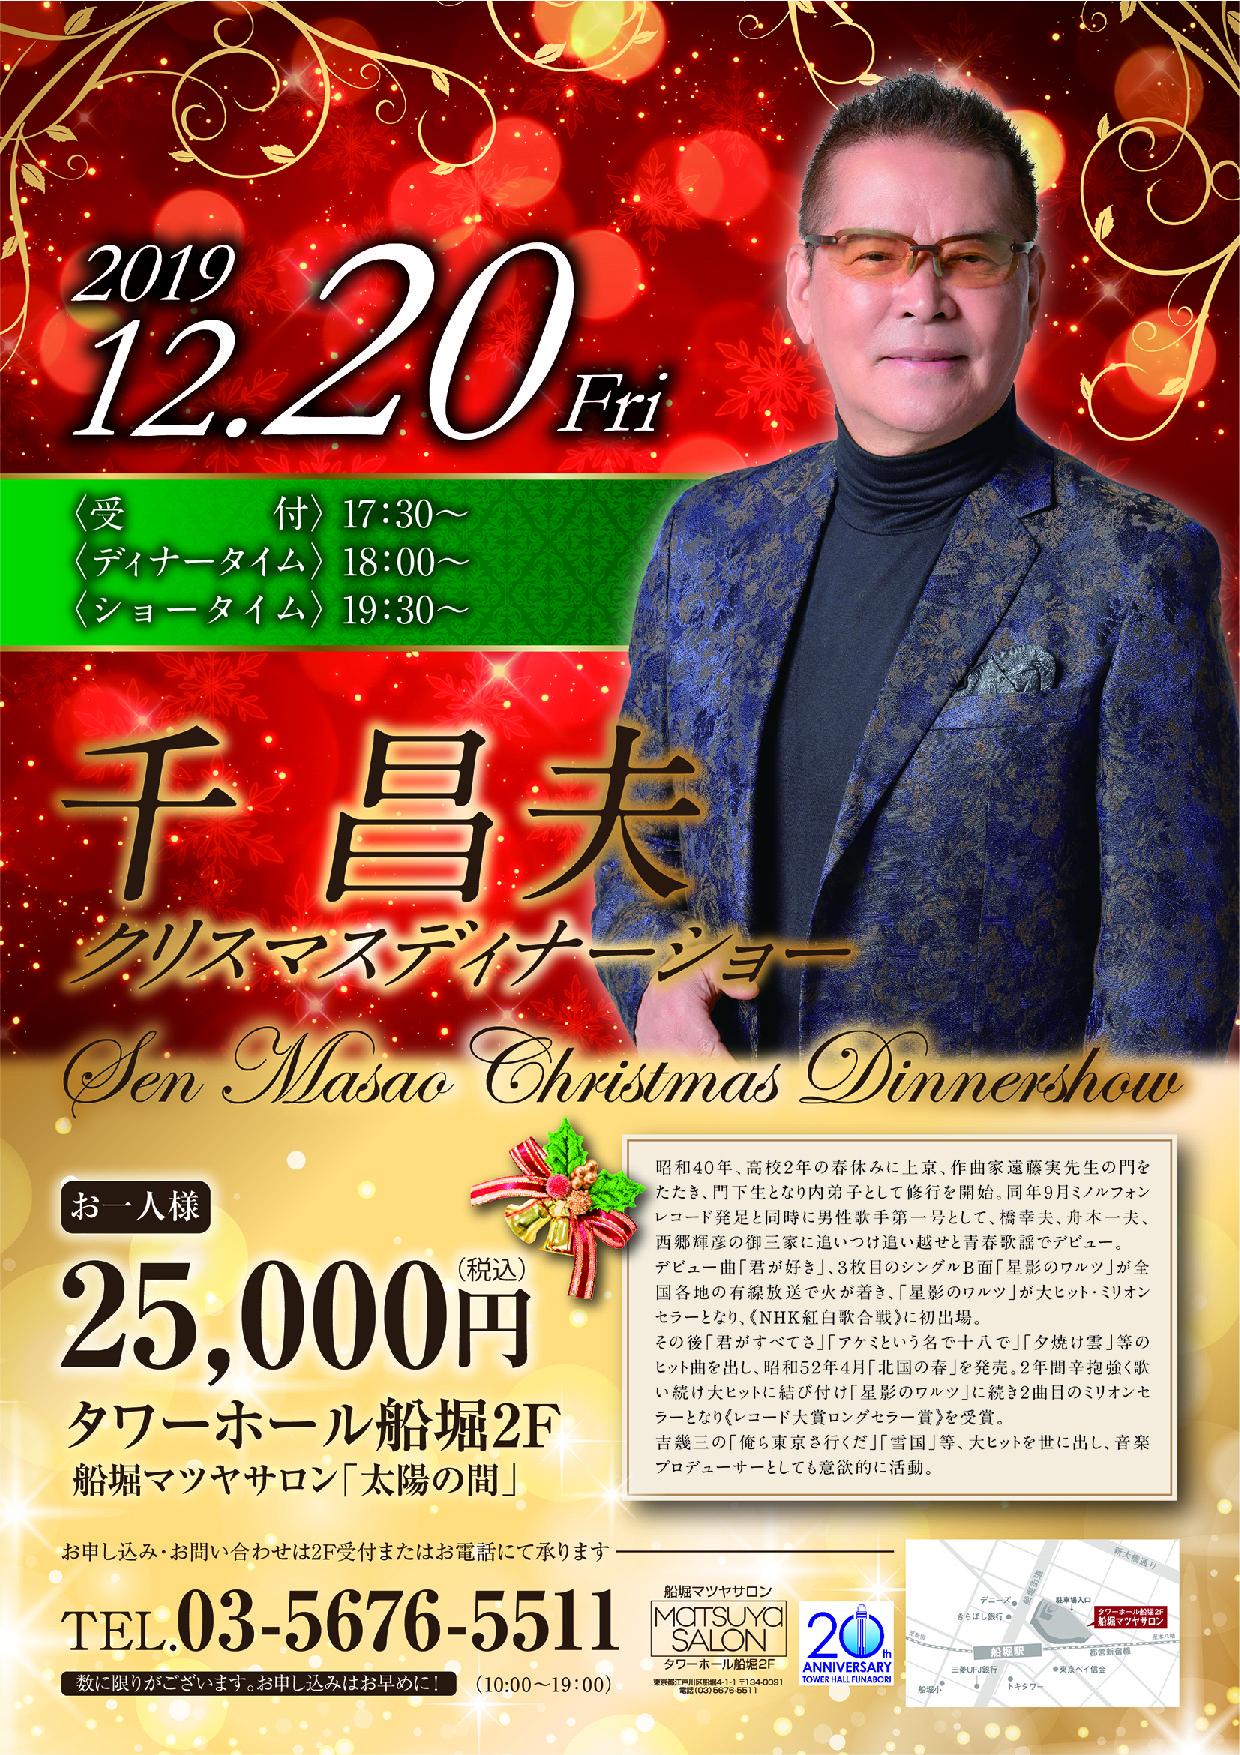 12/20(金)ディナーショーに千昌夫出演決定!